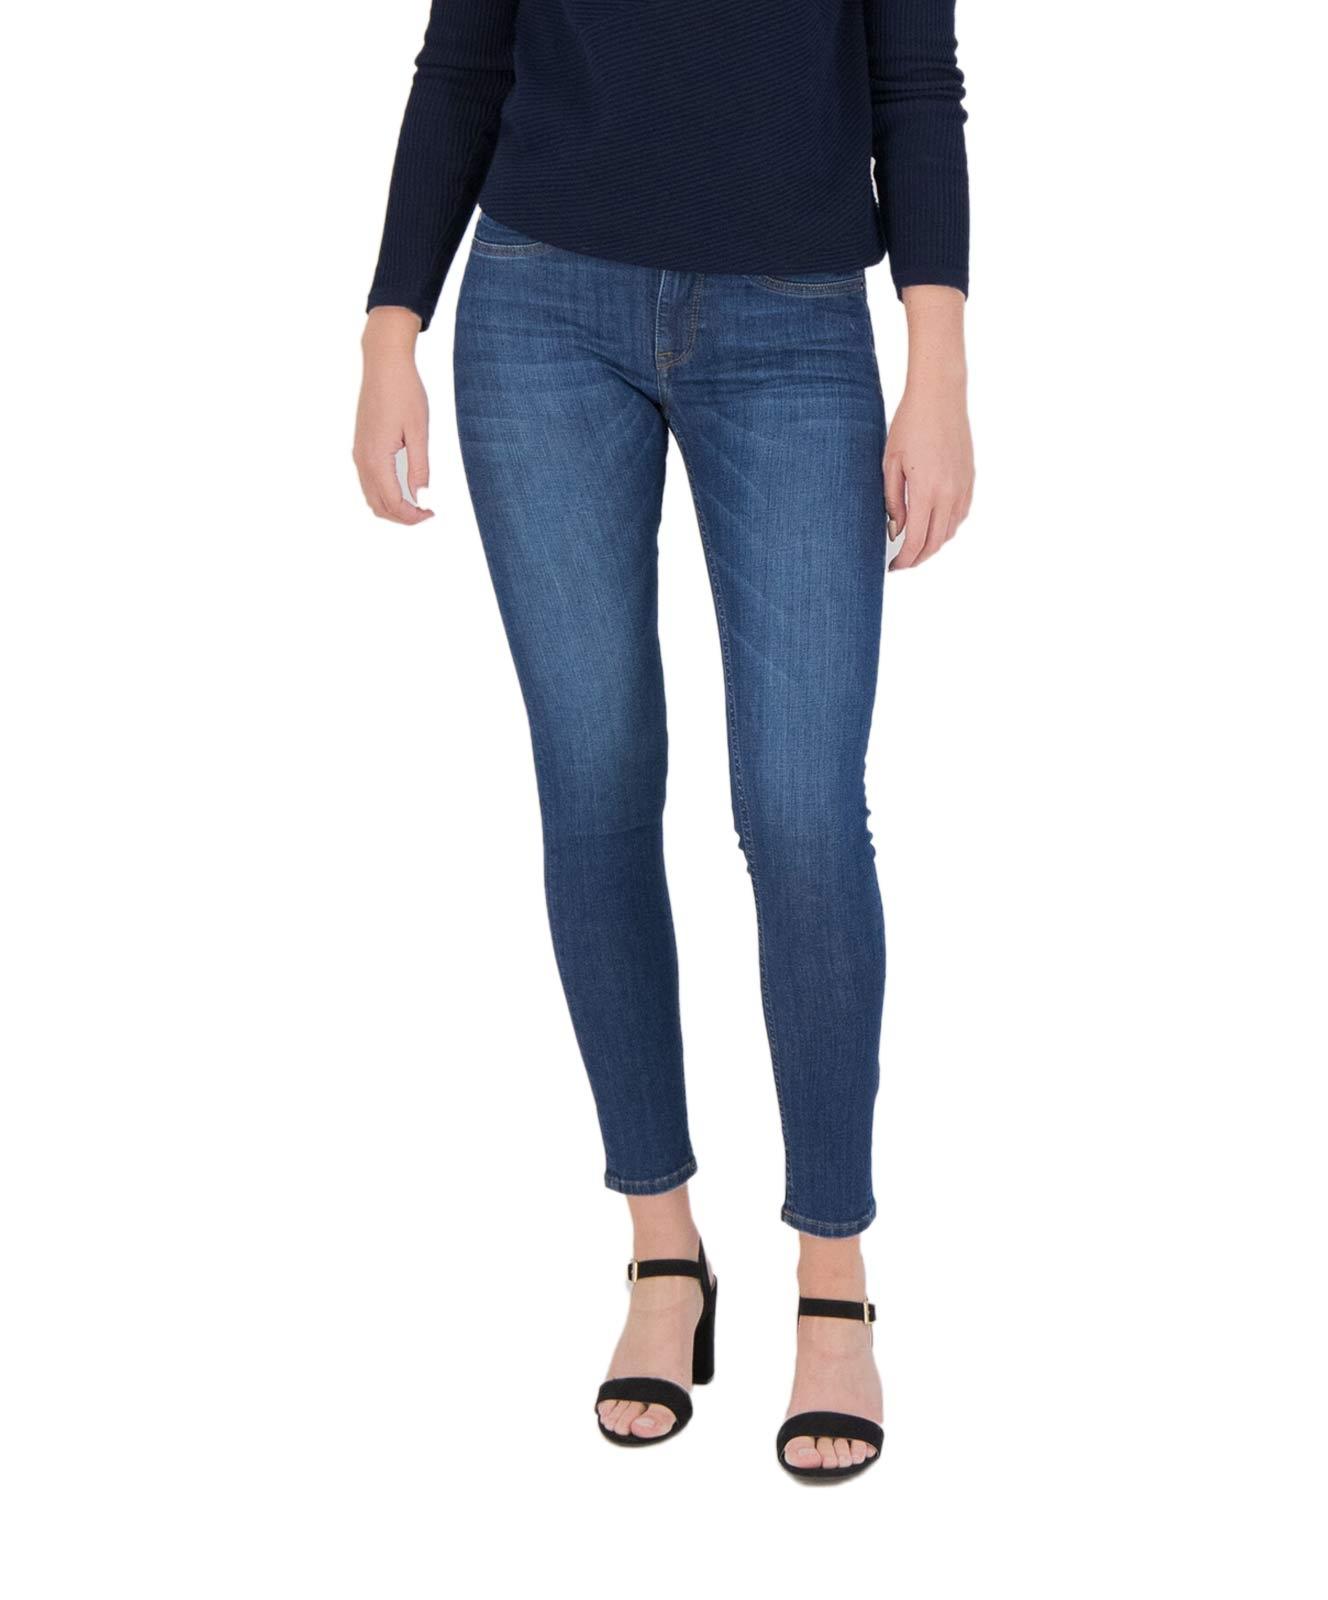 Hosen - Garcia Slim Fit Jeans Rachelle Superslim in Dark Used  - Onlineshop Jeans Meile